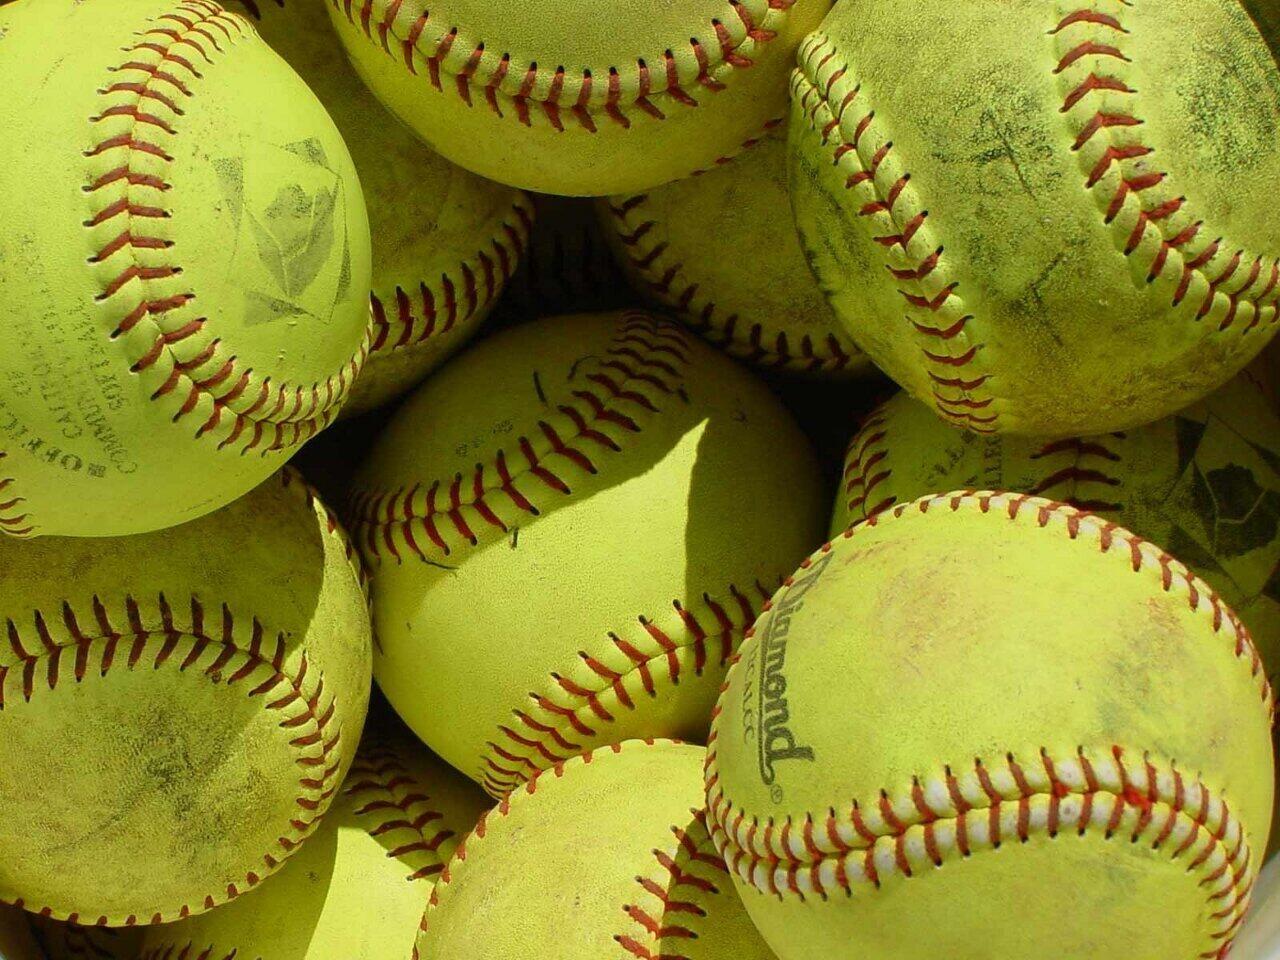 Softball Softball Wallpaper Sports Wallpapers Gallery Pc Desktop Wallpaper Softball Tournaments